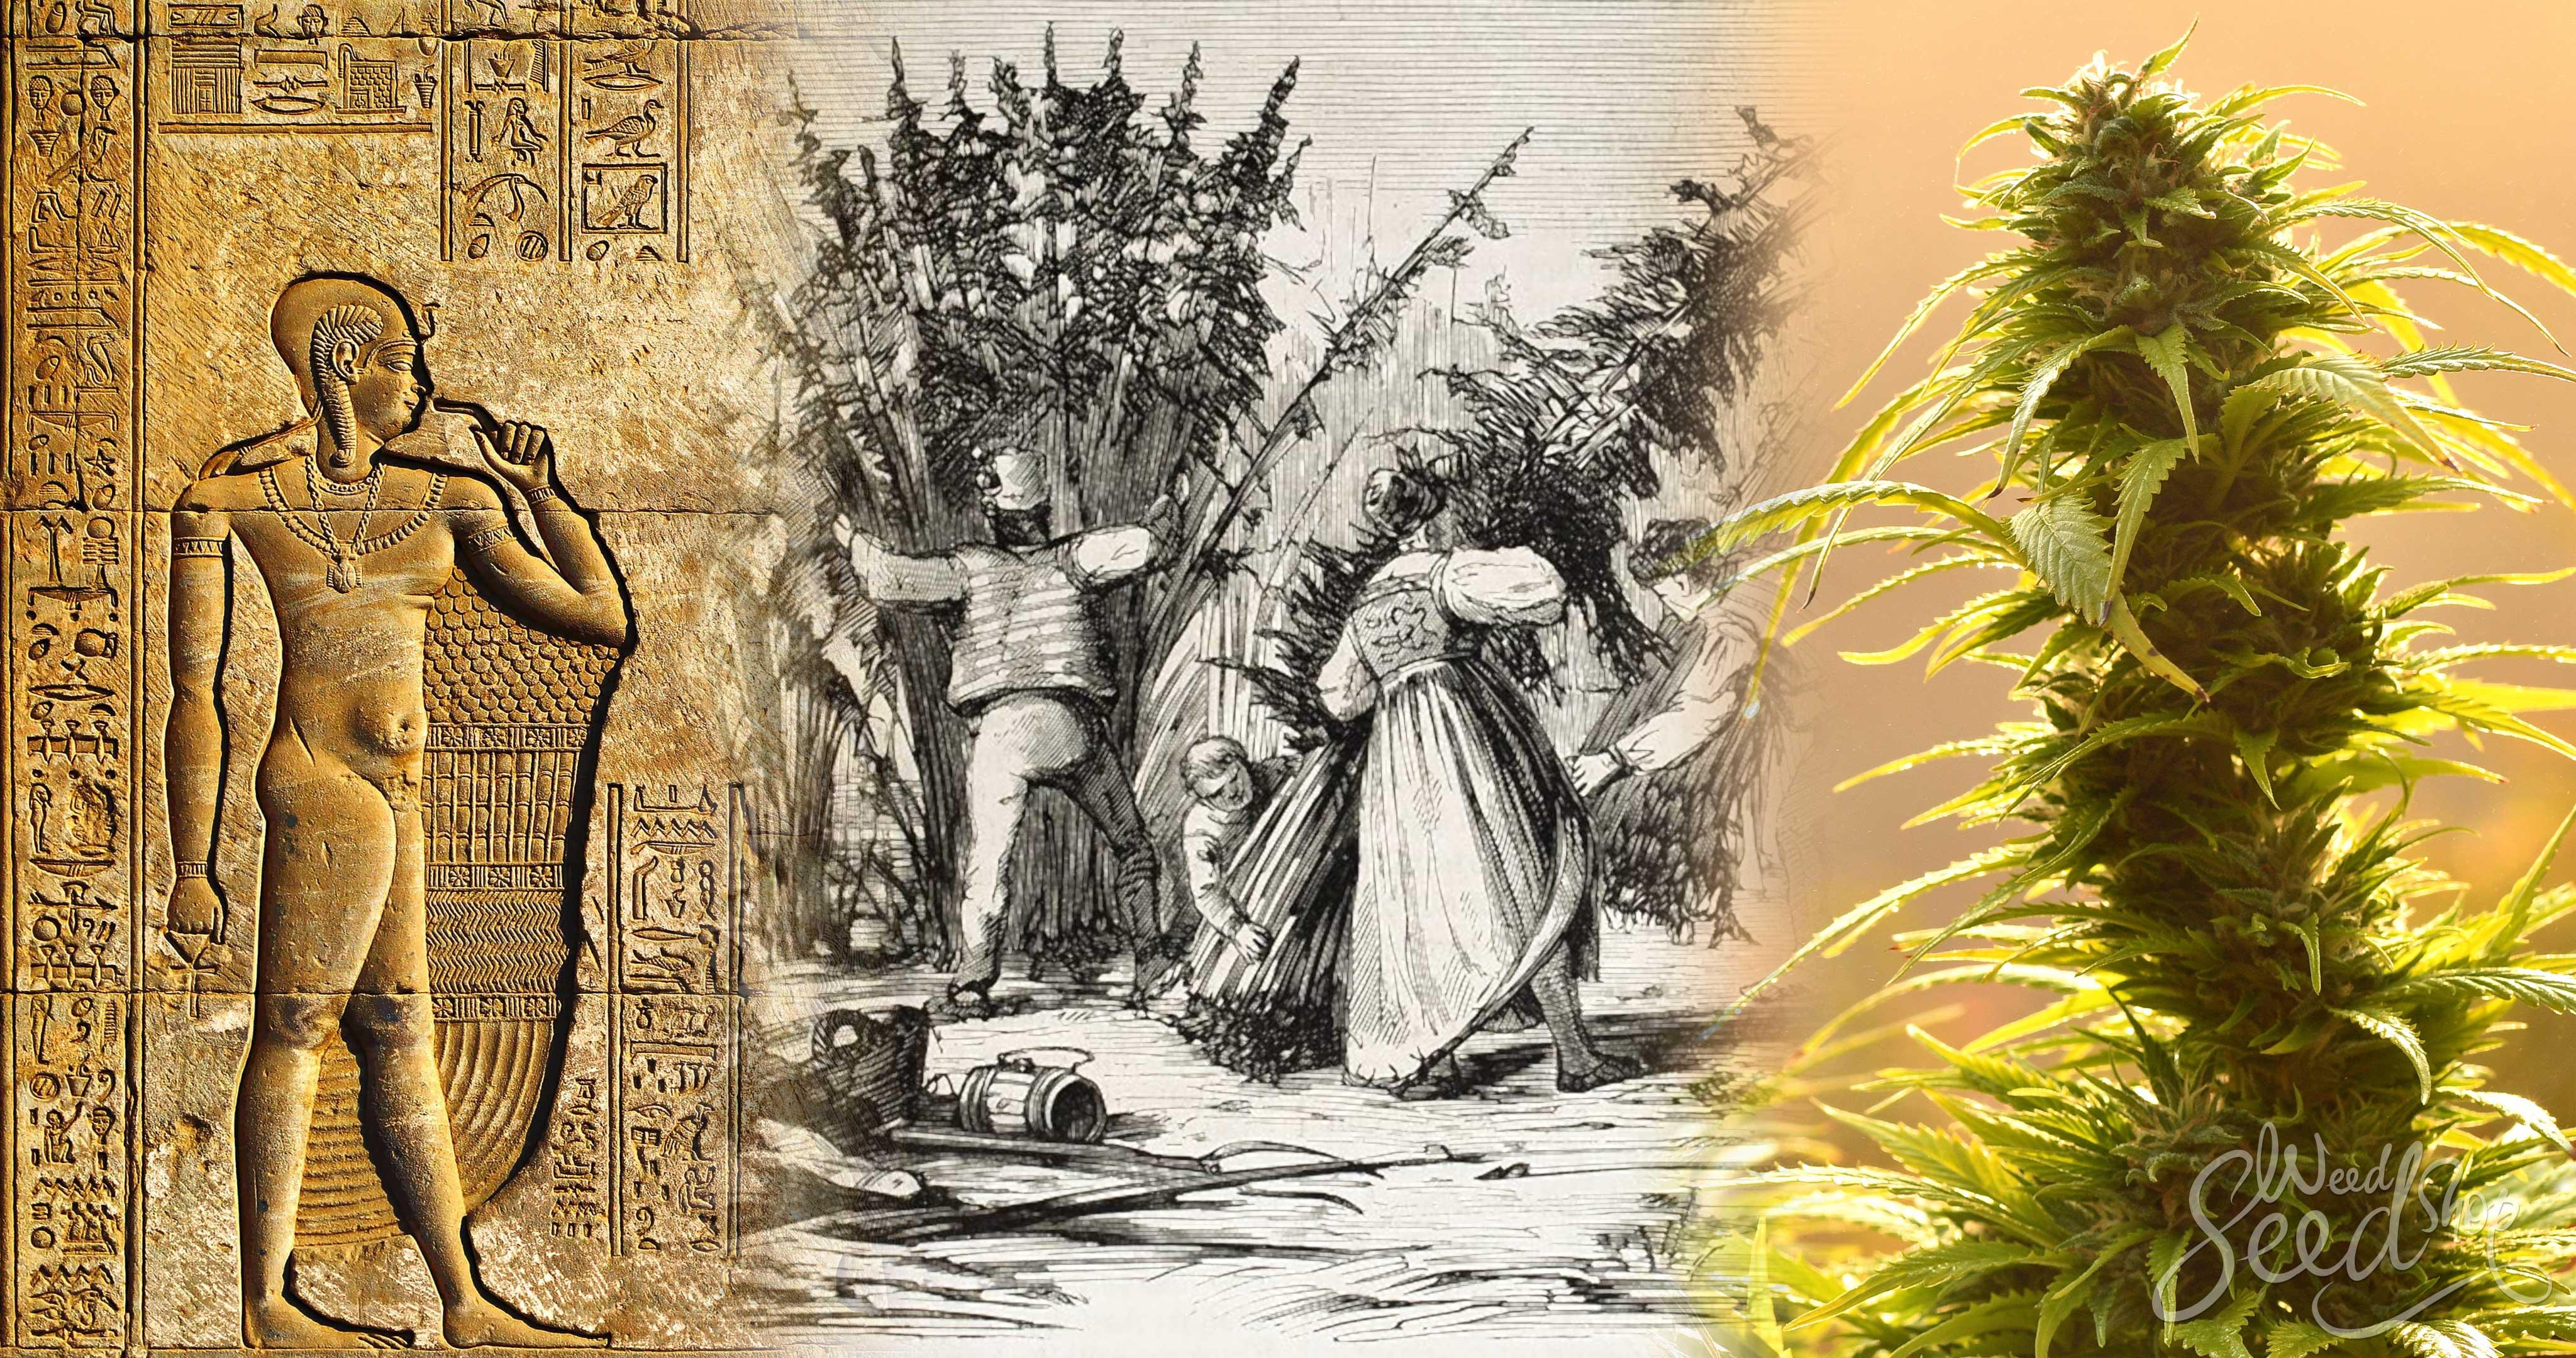 Historia mundial del cultivo de marihuana - WeedSeedShop